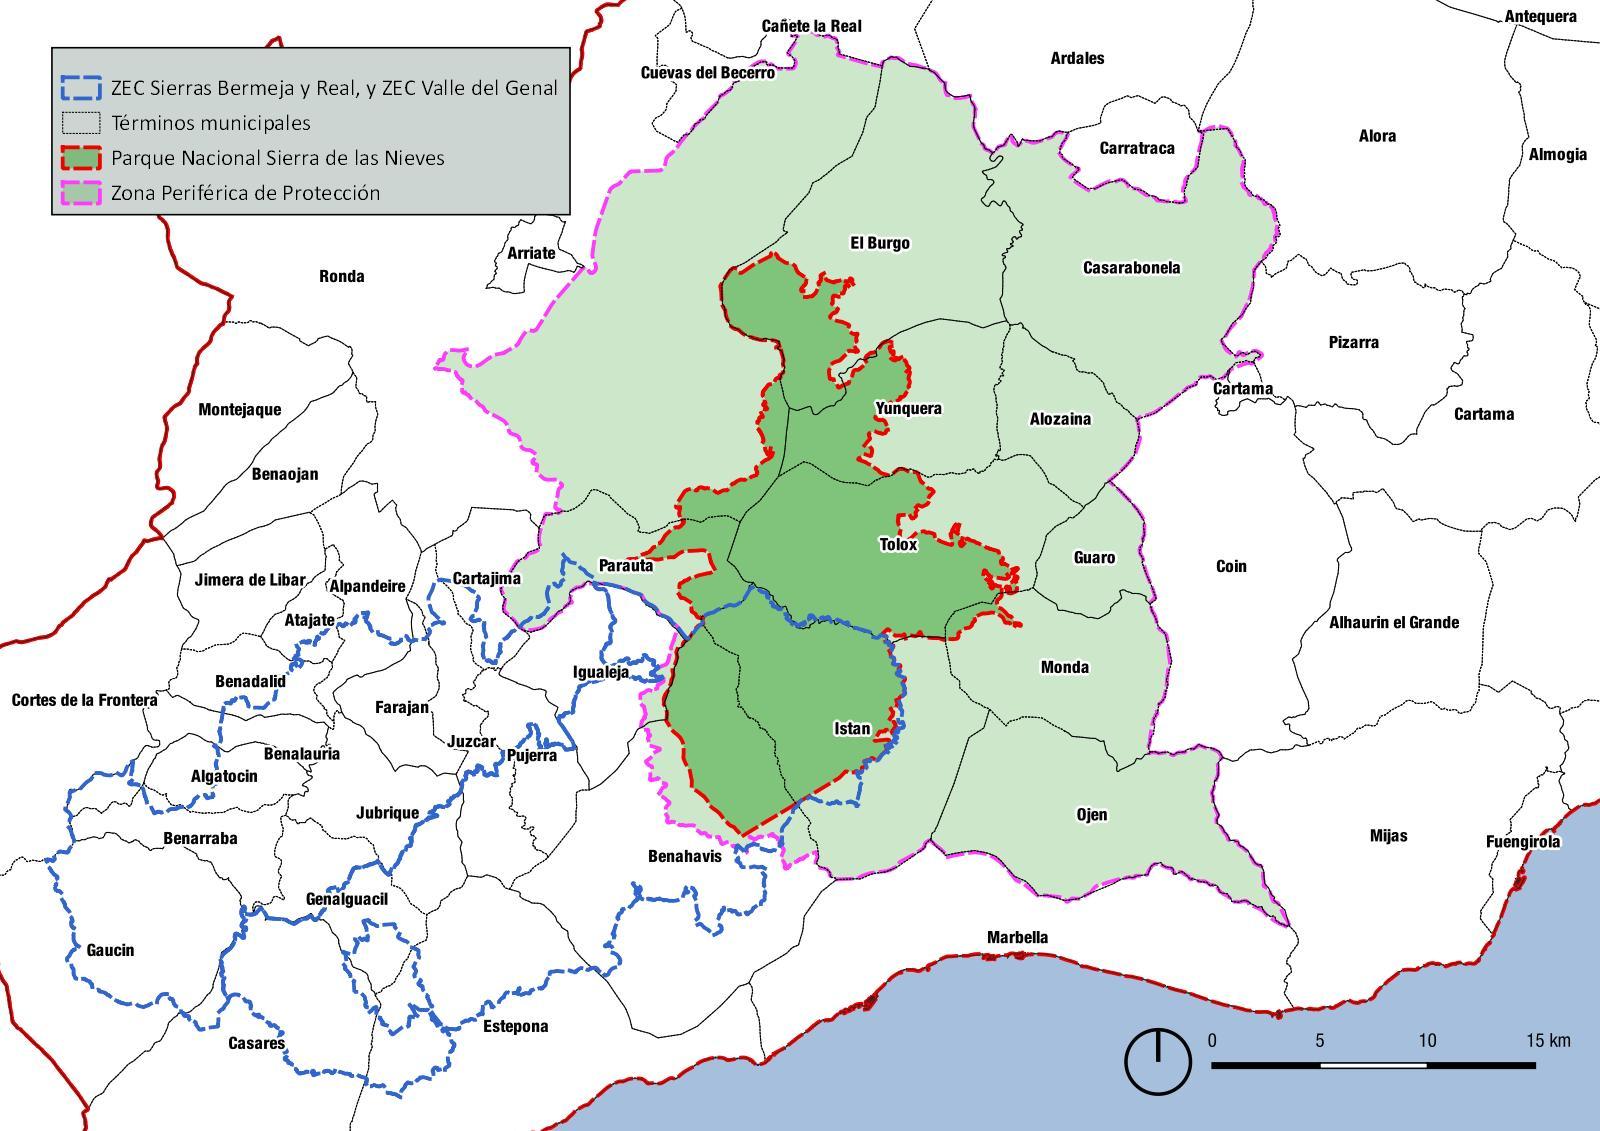 Parque Nacional Sierra de las Nieves y su Zona Periférica de Protección (ZPP)